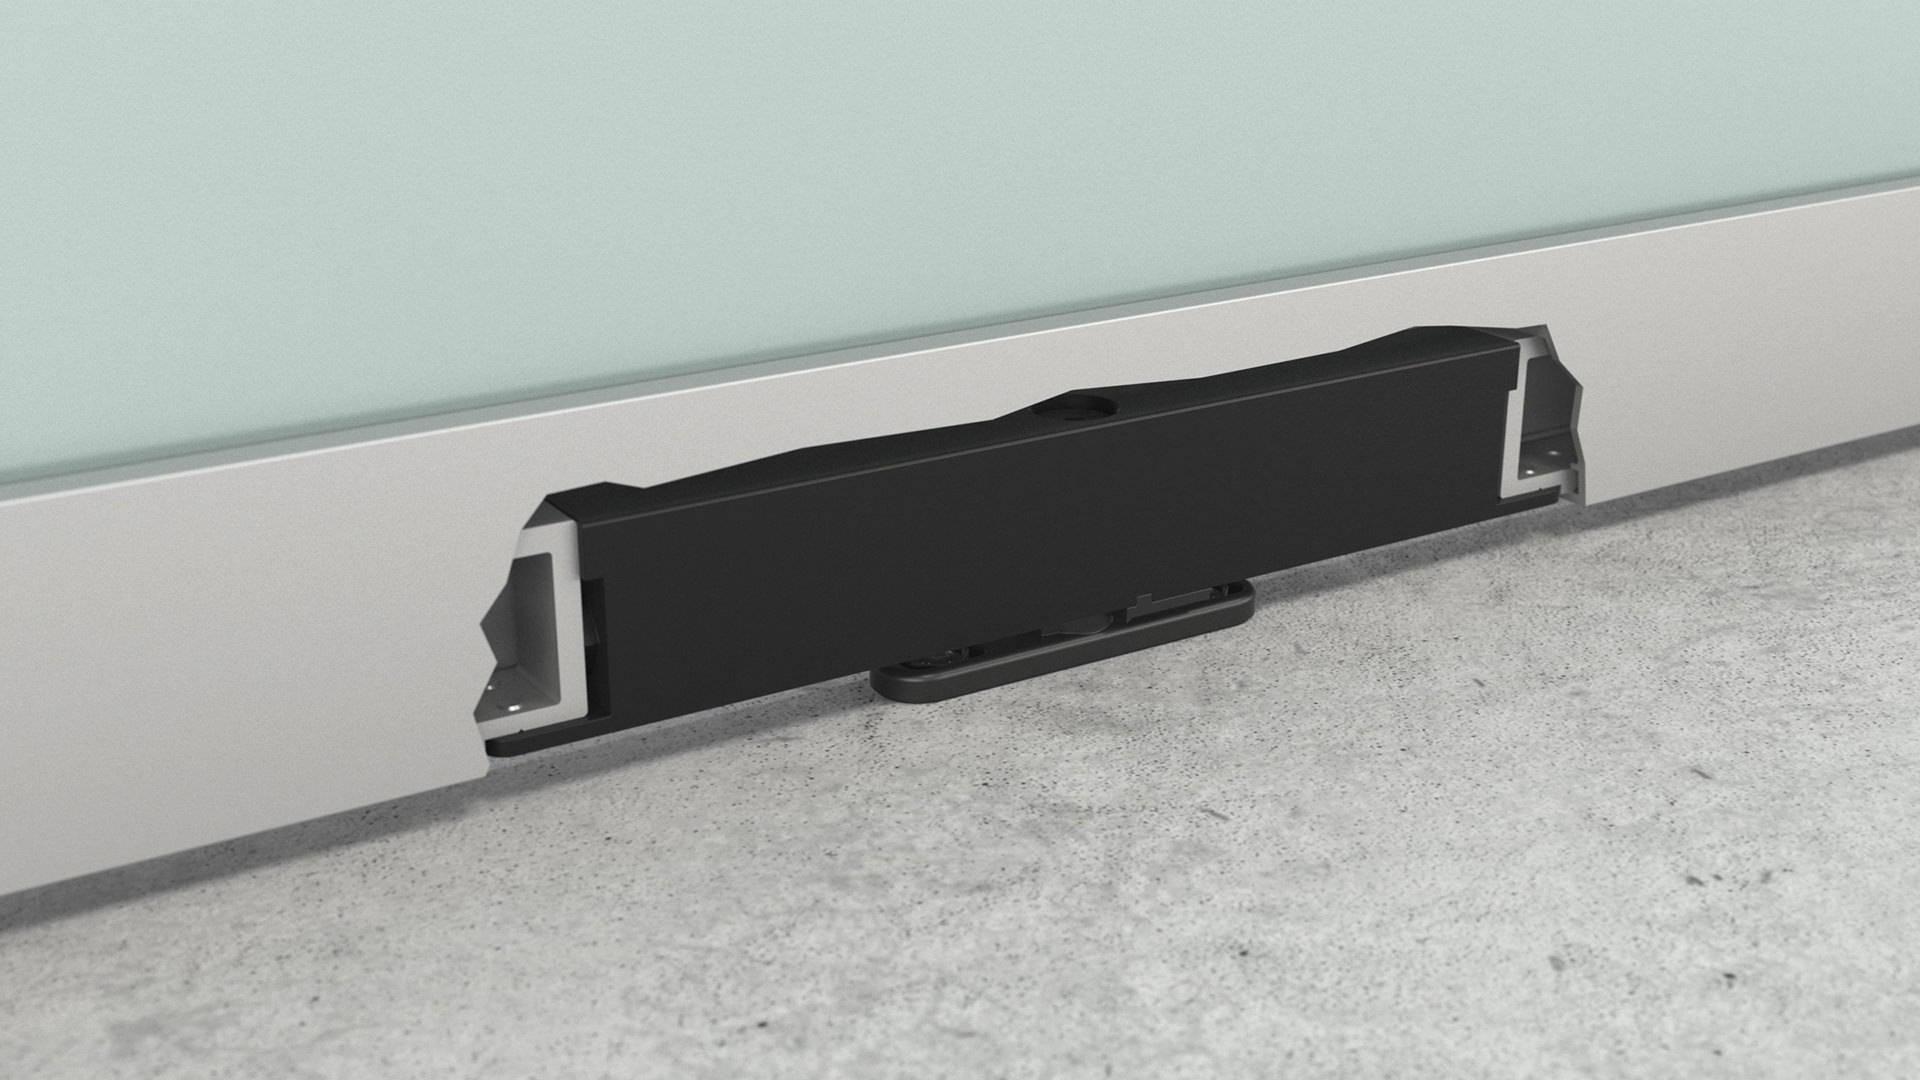 Portapivot 6530 invisible pivot hinge